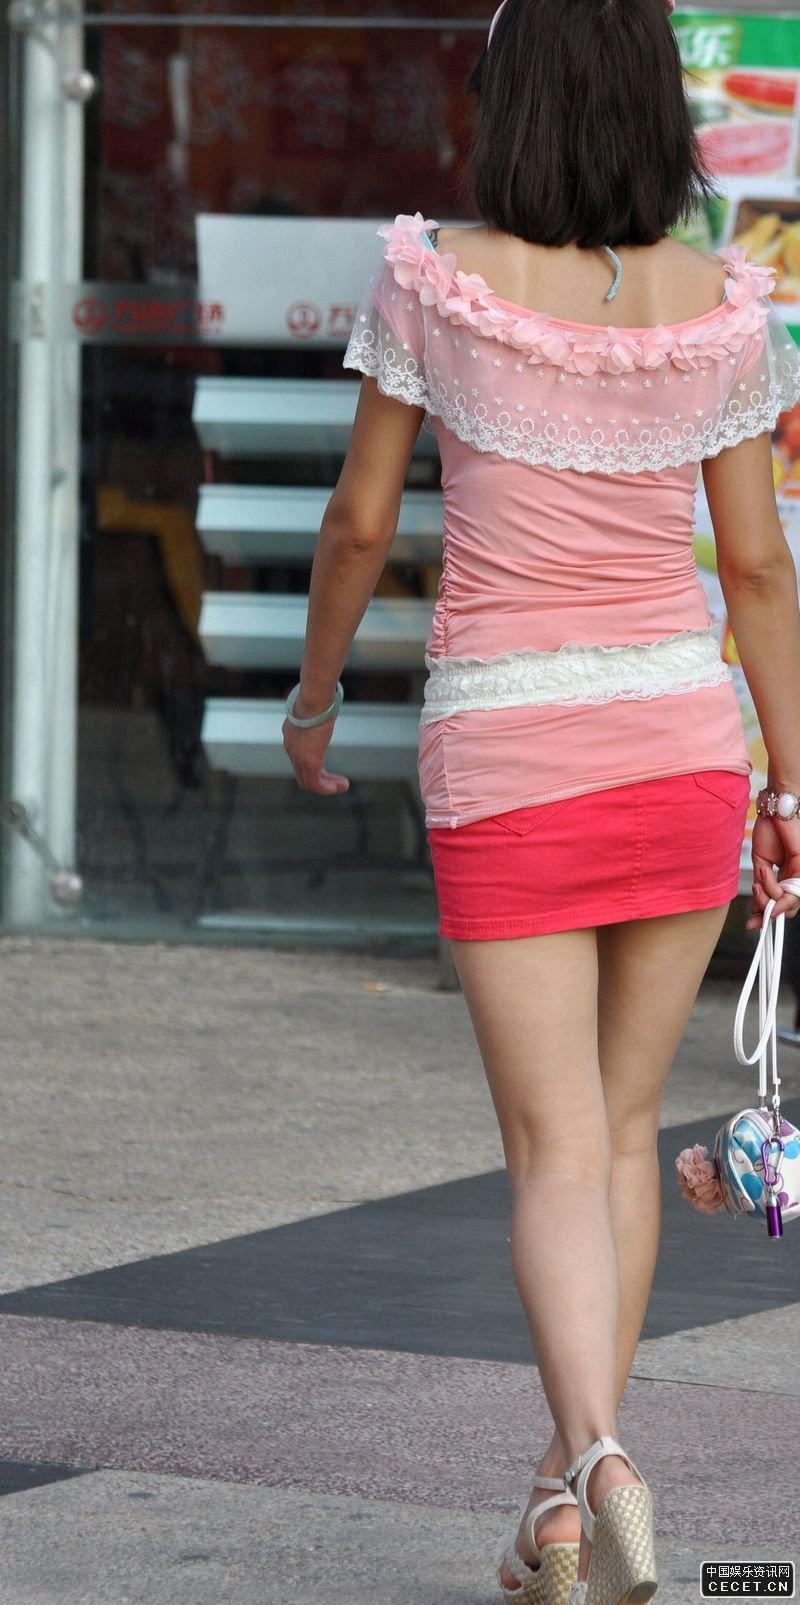 街拍的紧身超短裙漂亮裸腿美眉图片